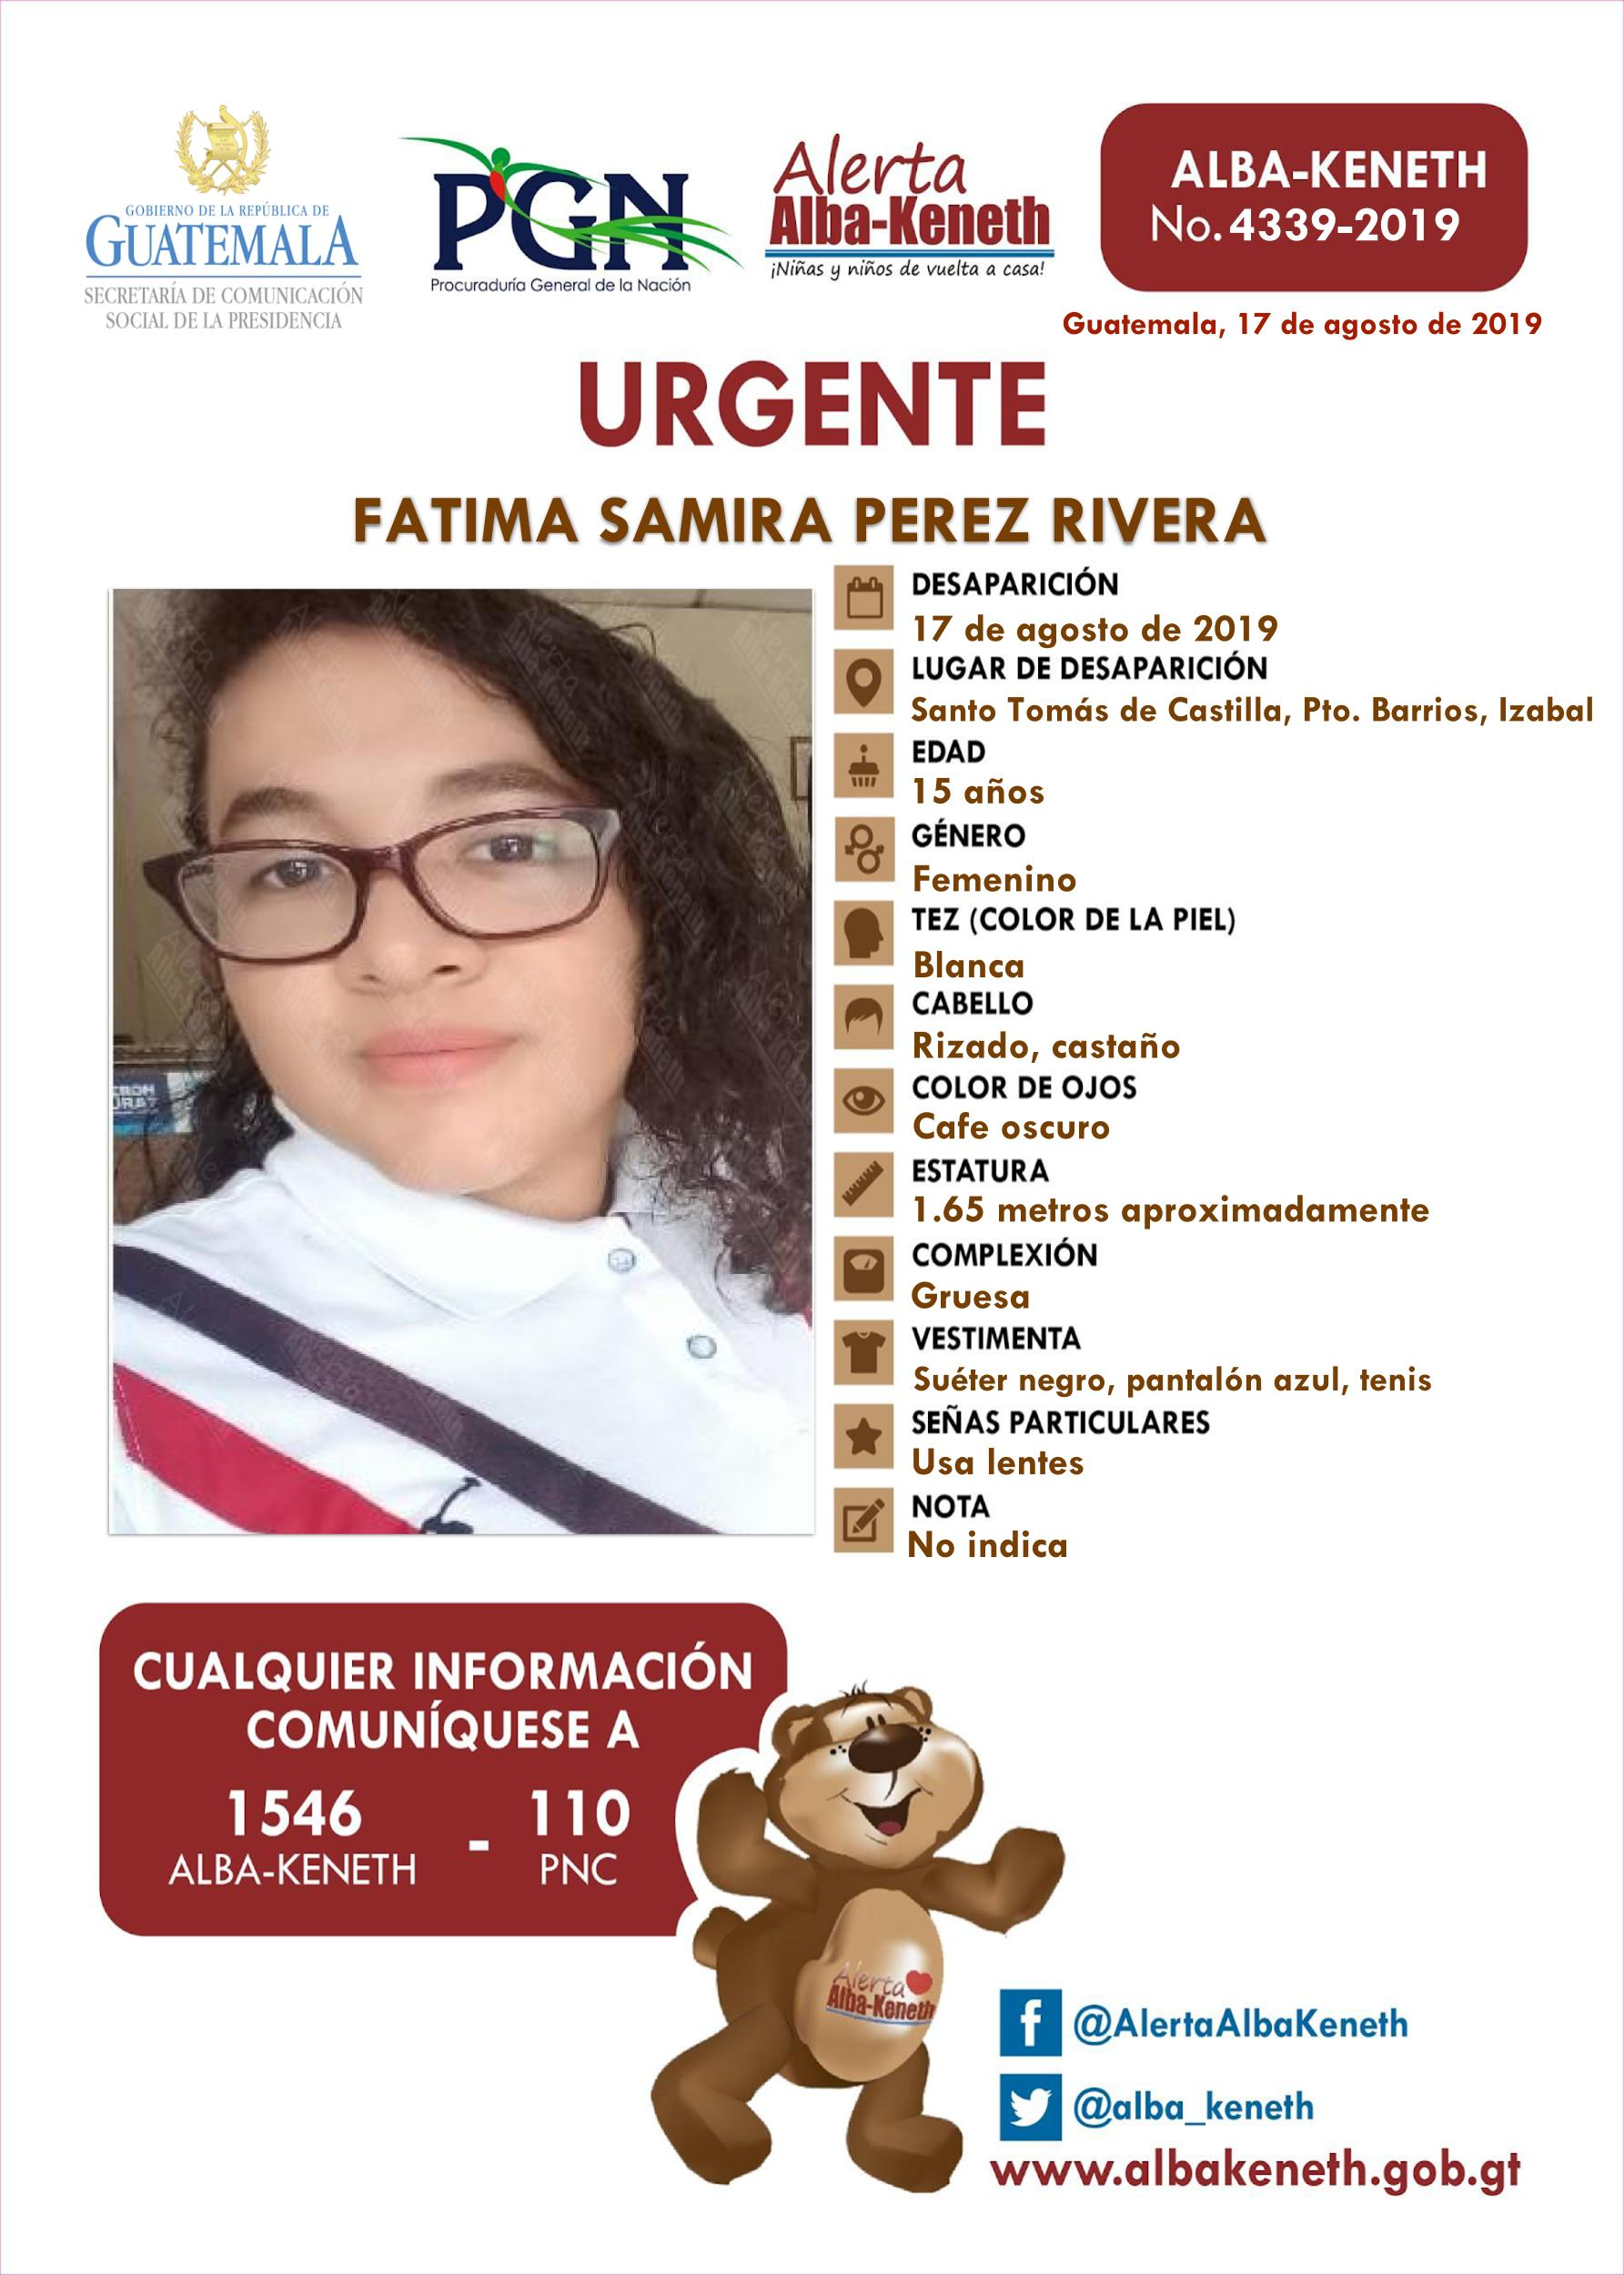 Fatima Samira Perez Rivera